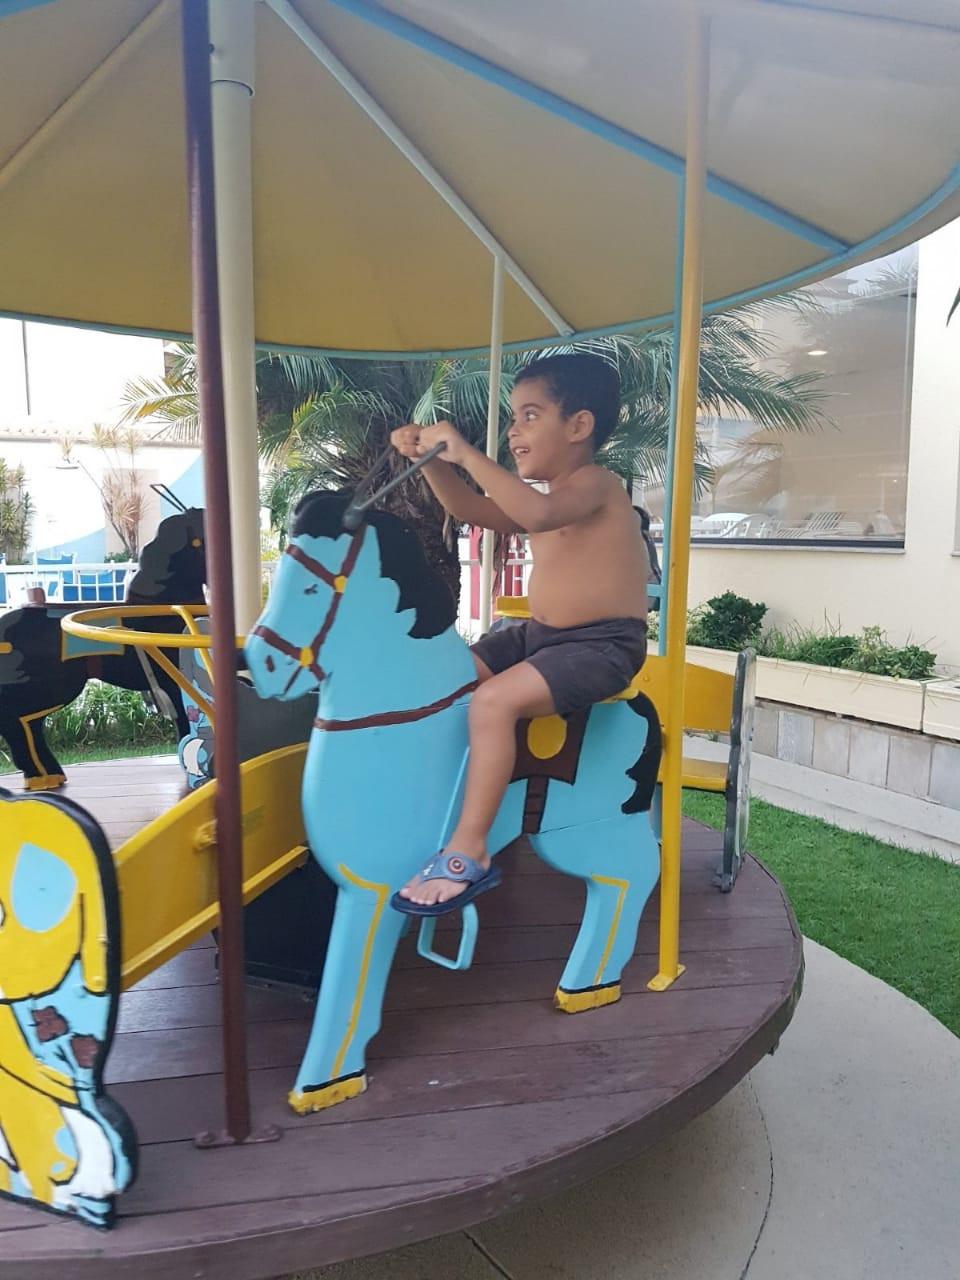 Um dos brinquedos do Playground do hotel